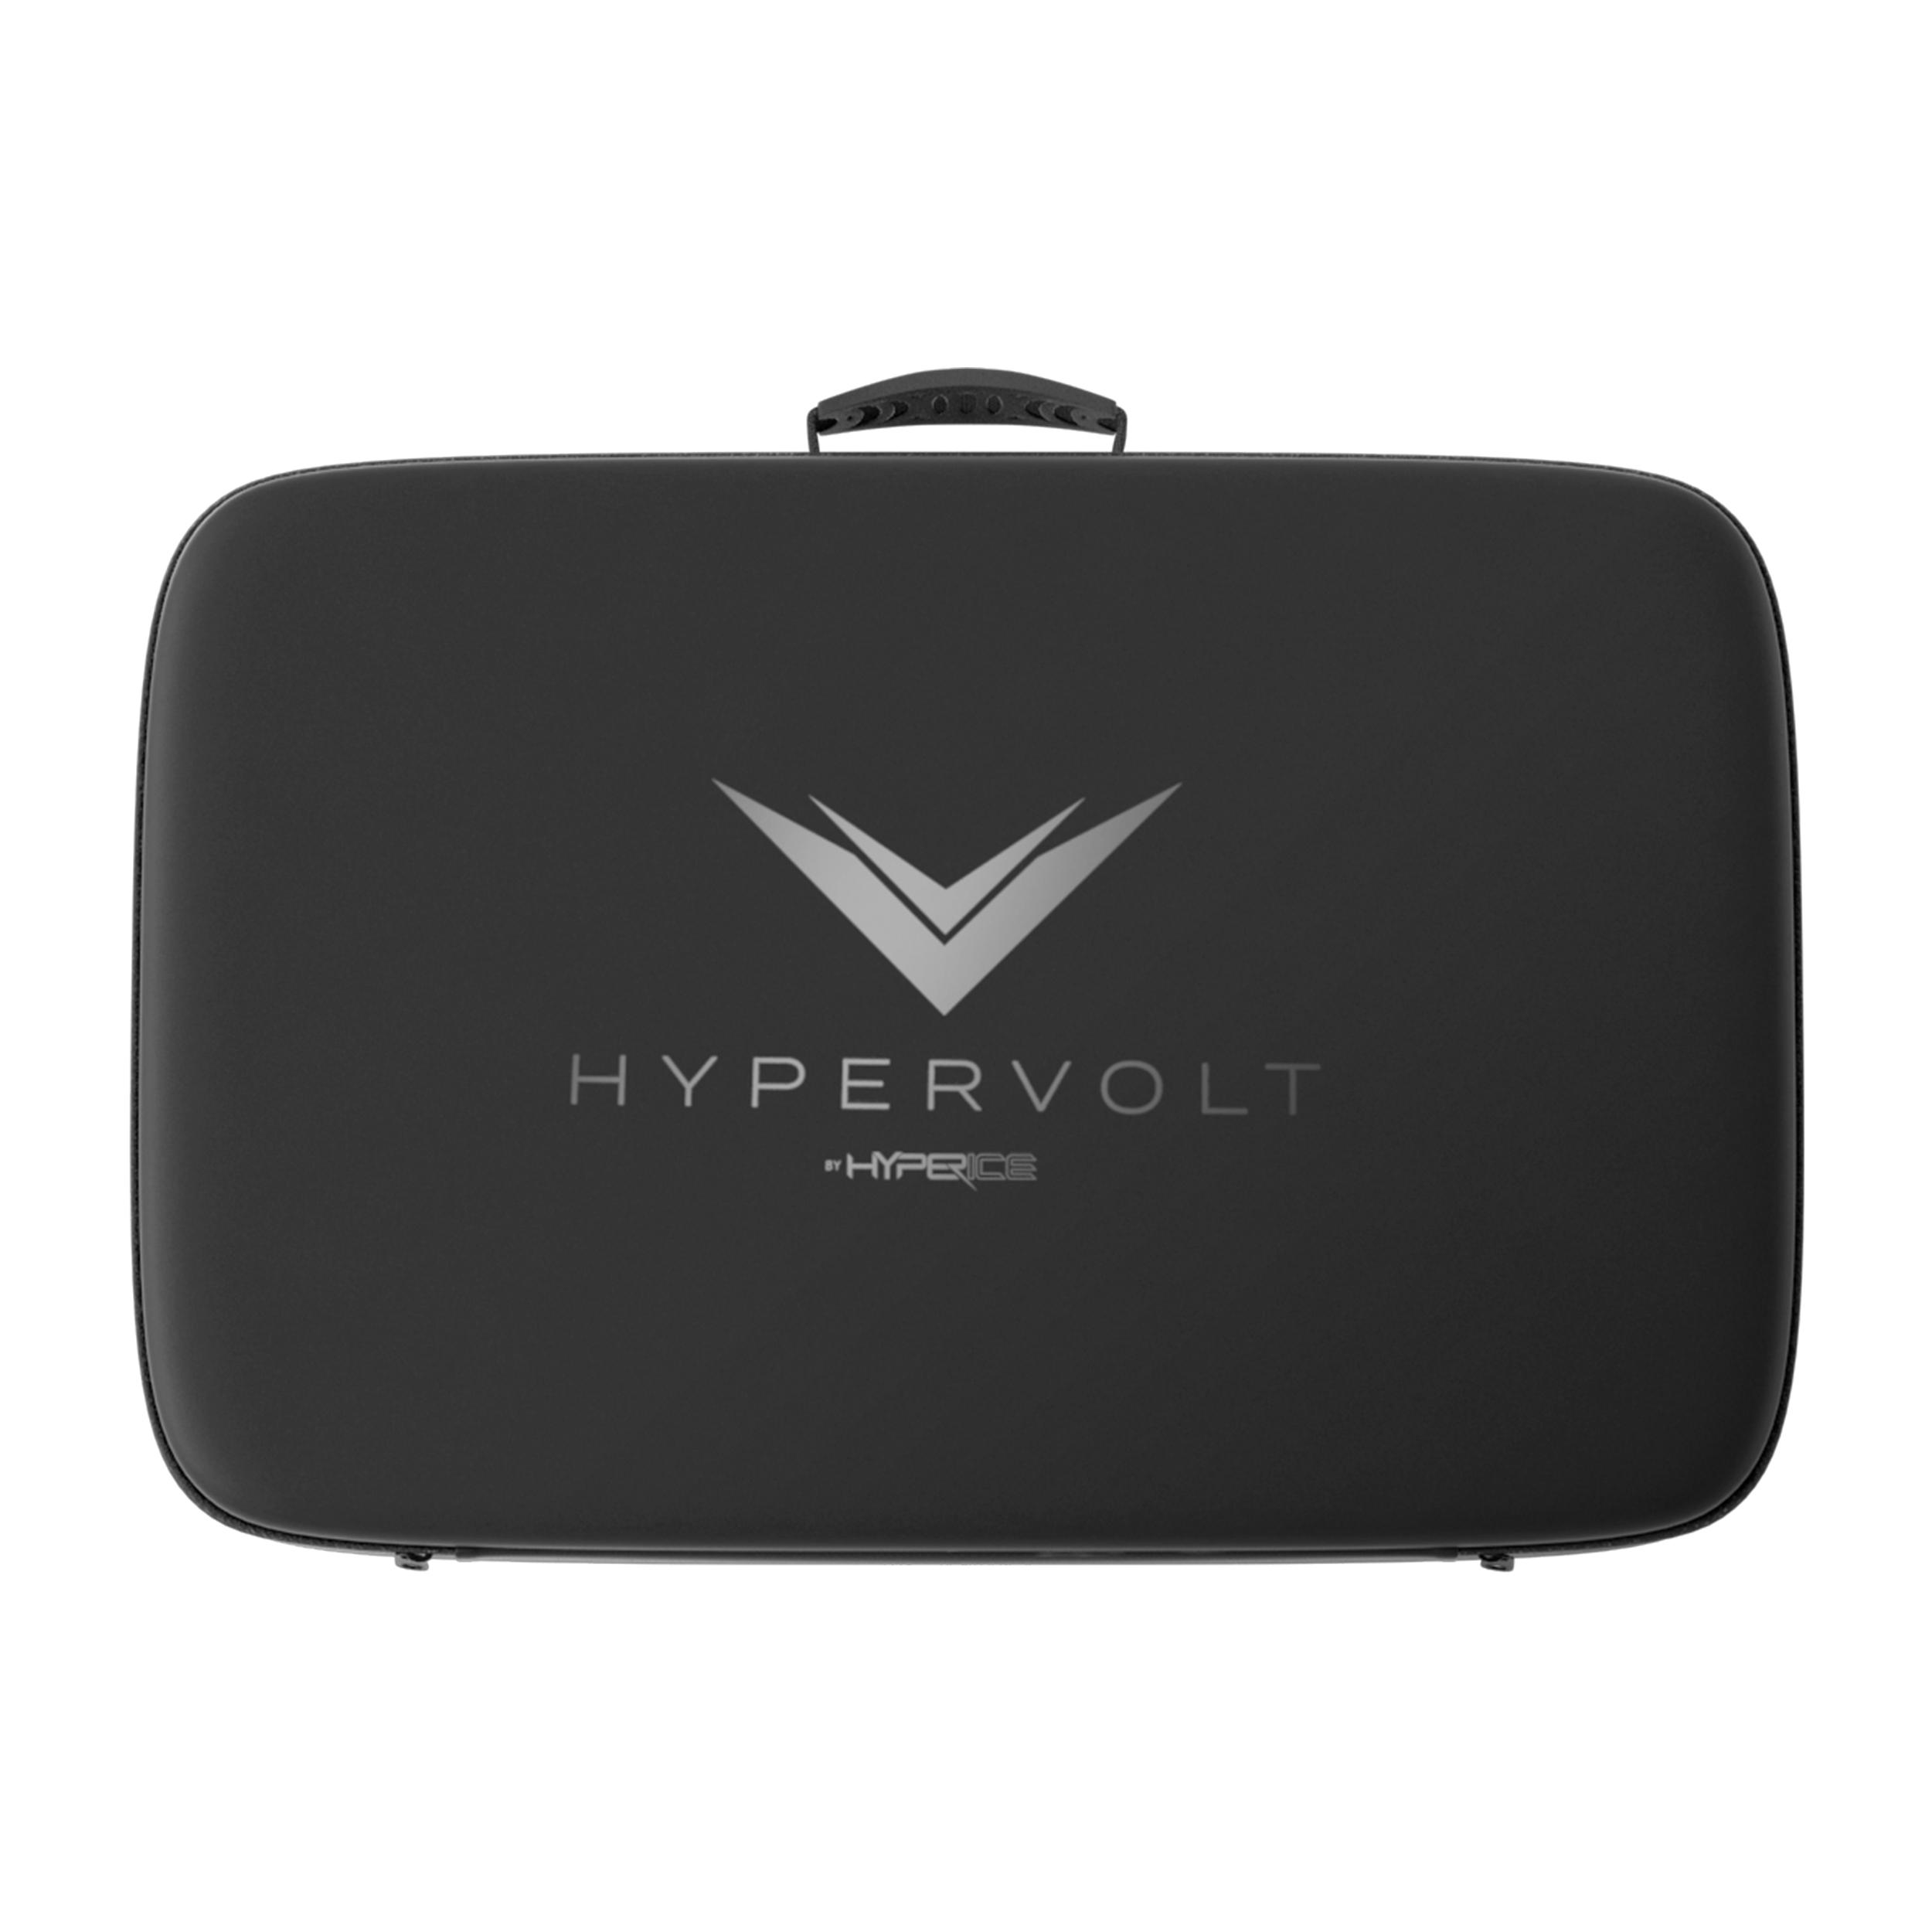 کیف نگهدارنده ماساژور برقی هایپرآیس مدل هایپرولت